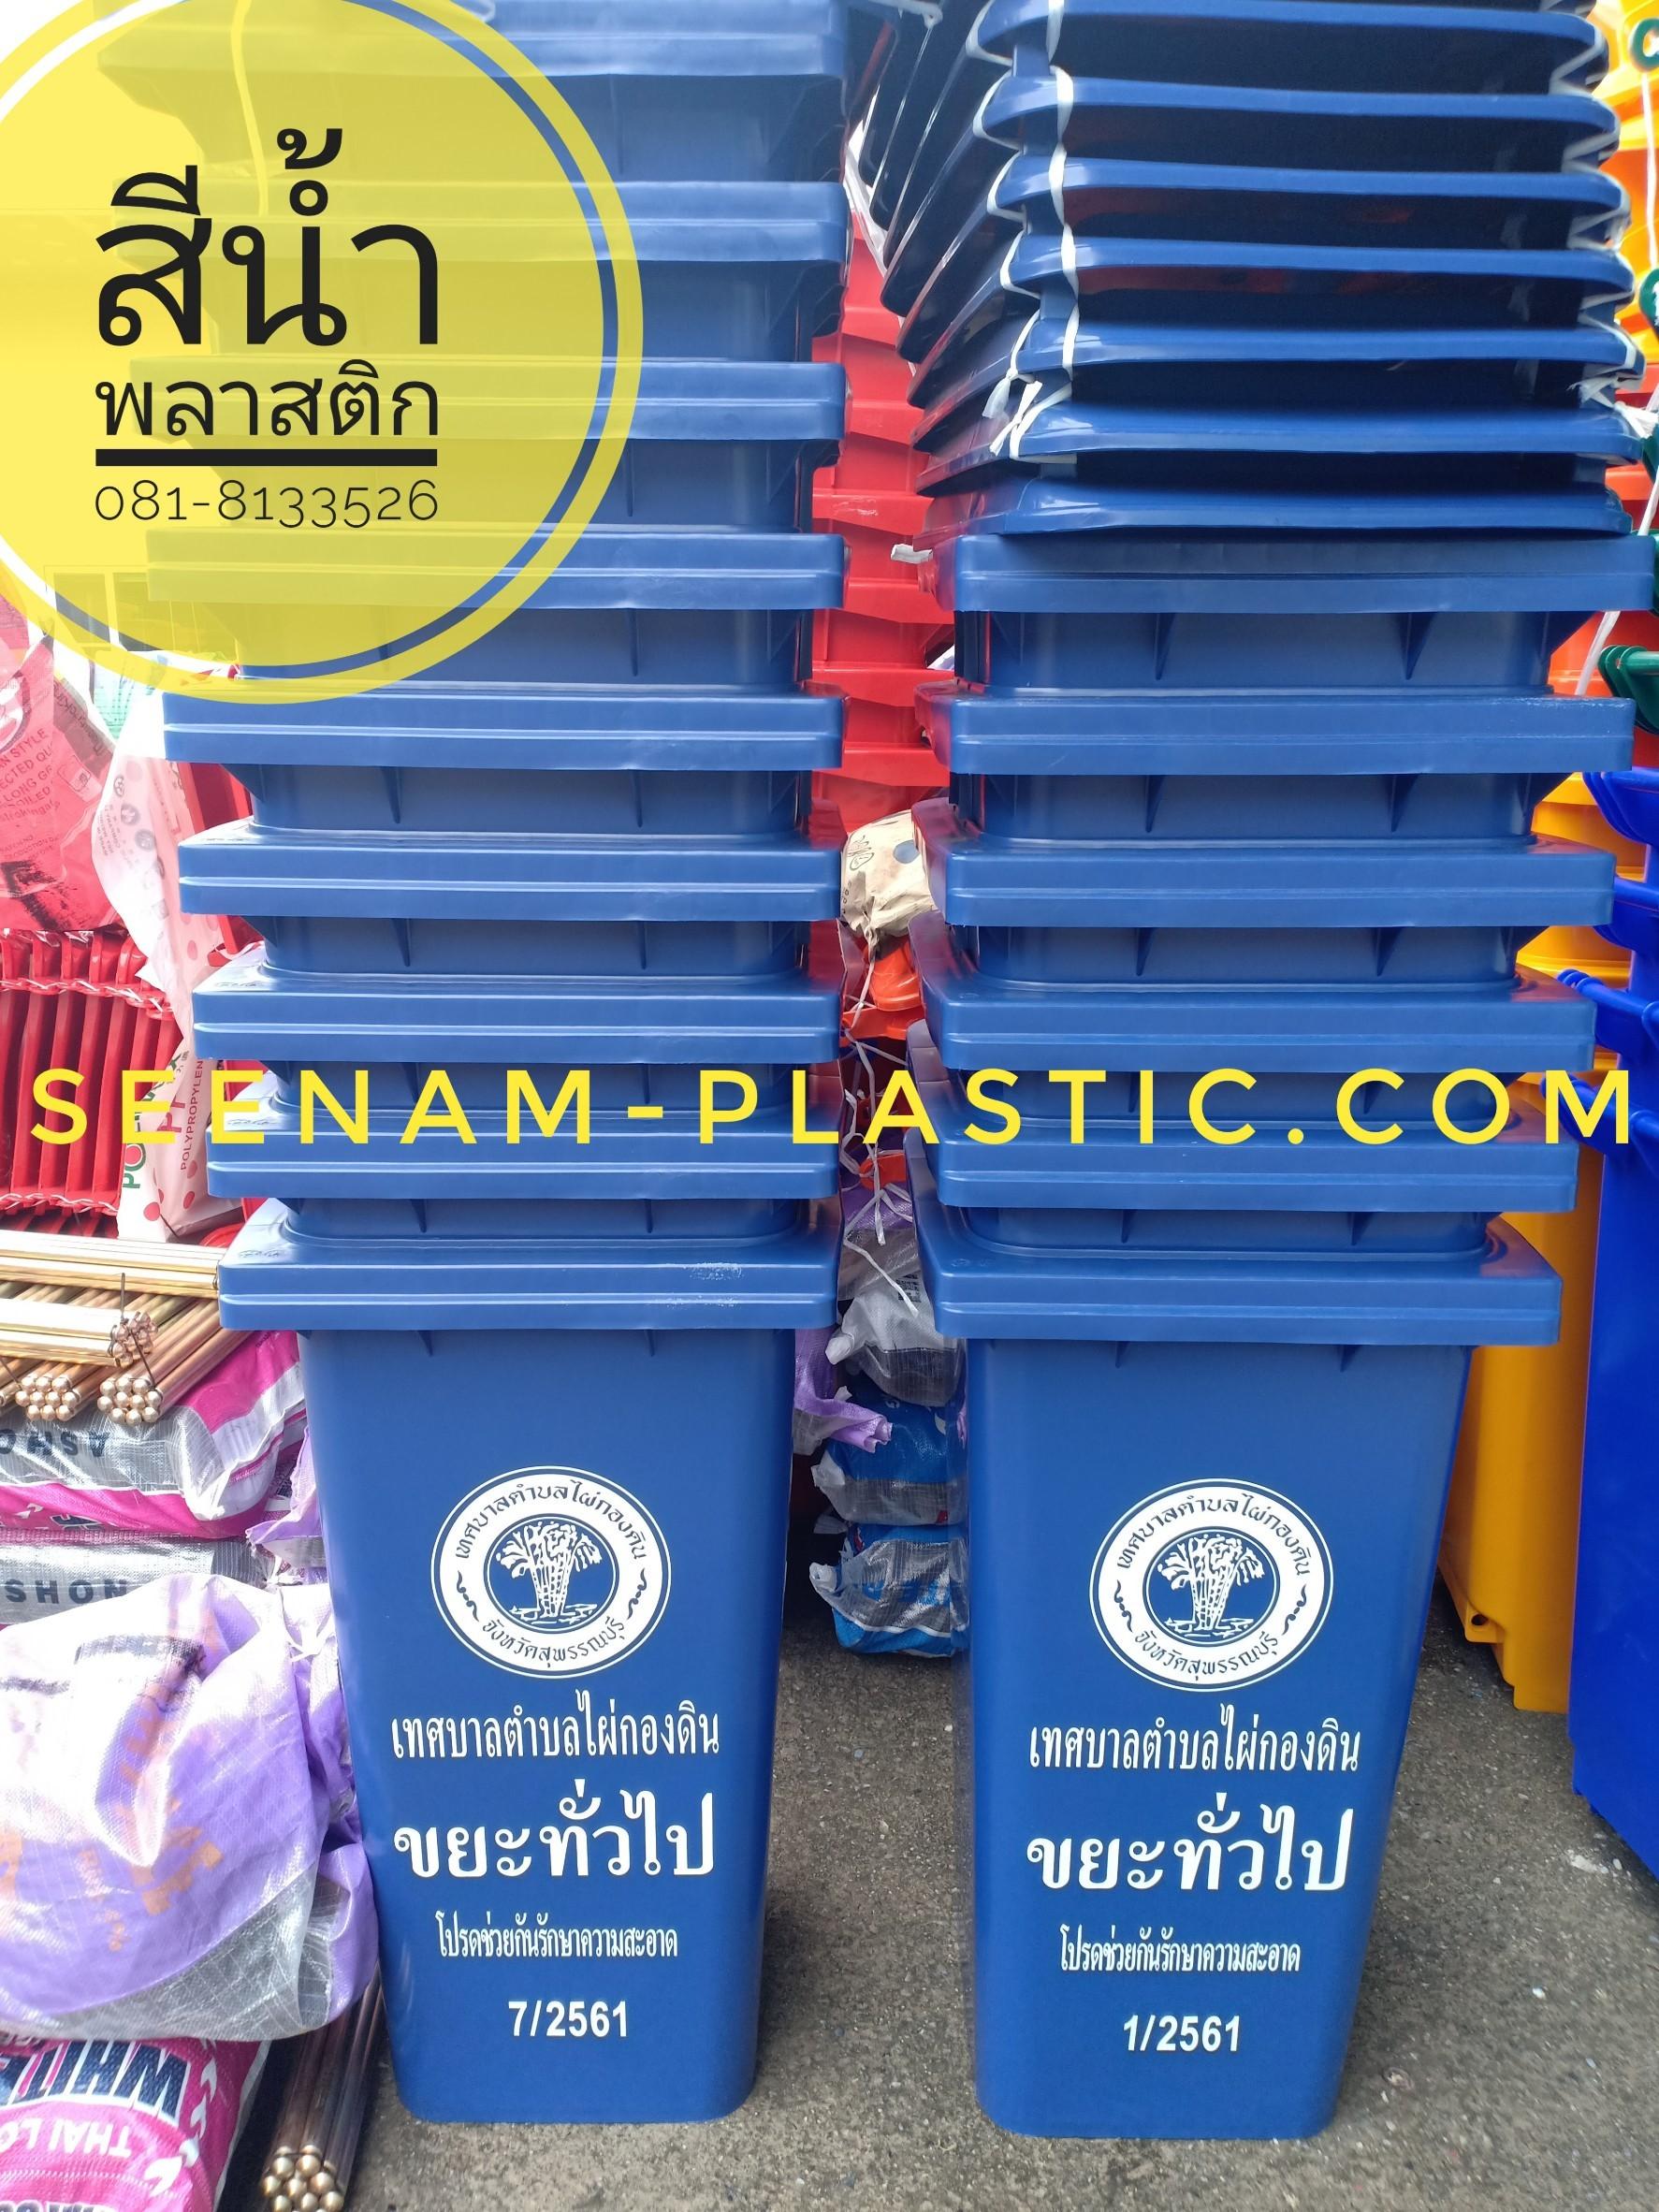 ถังขยะ120ลิตร ถังขยะพลาสติก120ลิตร มีล้อ ถังขยะพลาสติก ถังขยะเทศบาล ถังขยะกทม ขายส่งถังขยะพลาสติก